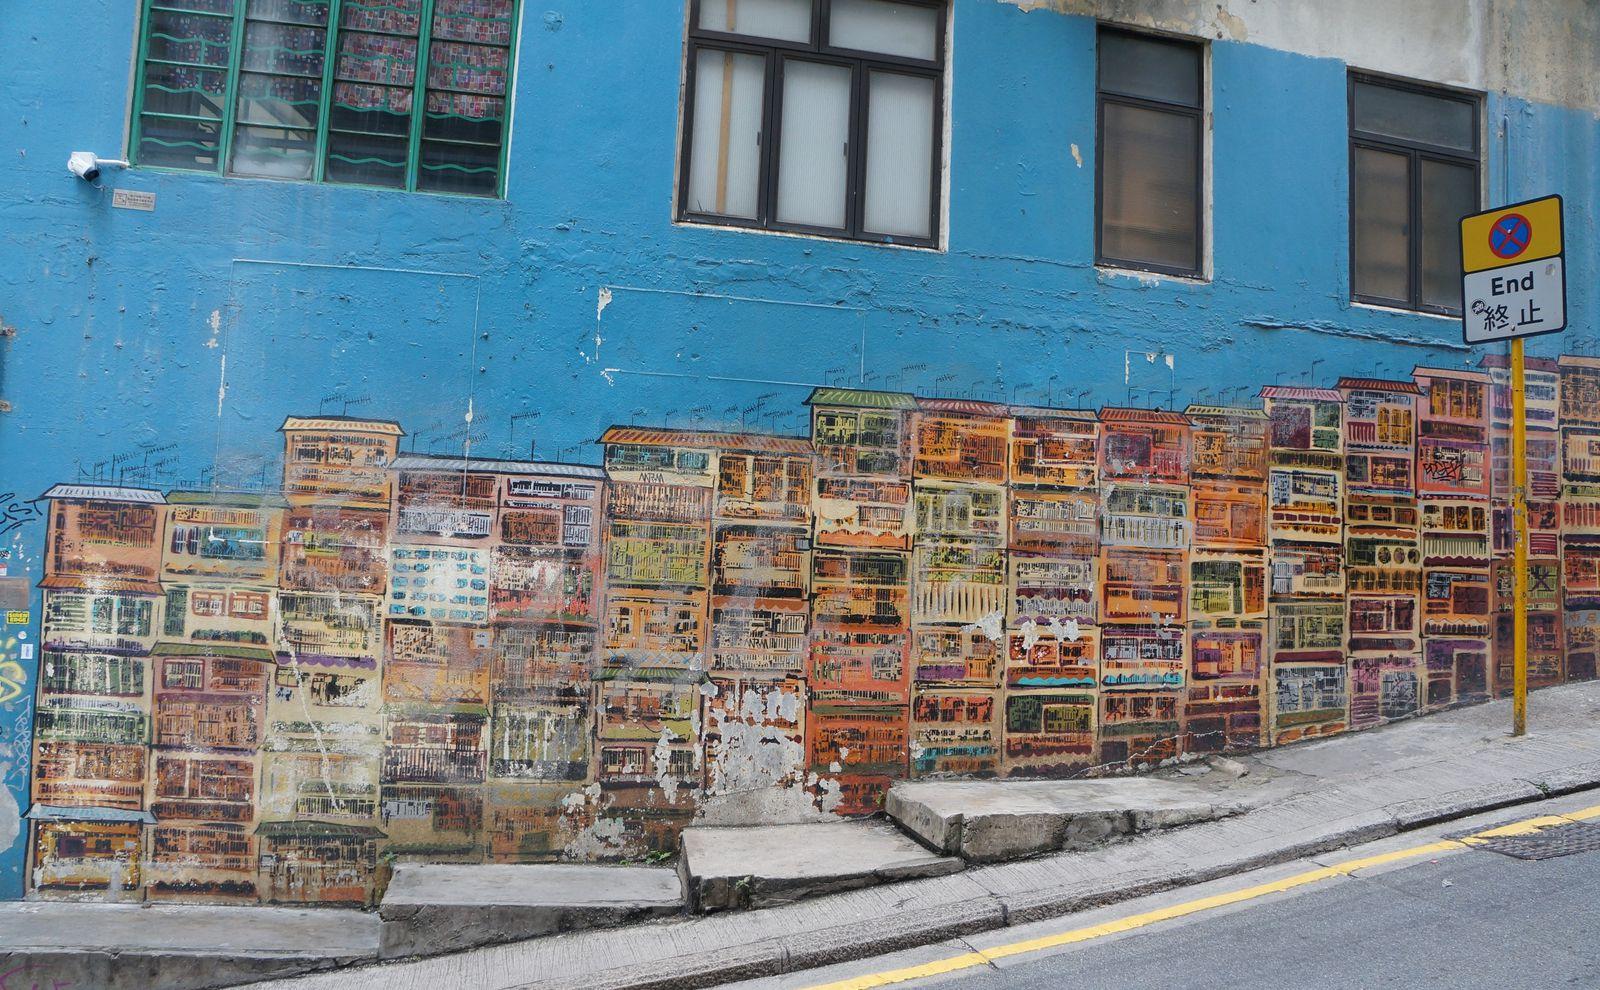 女子旅で行きたい!「香港×アート」で見つけた最新フォトジェスポット7選